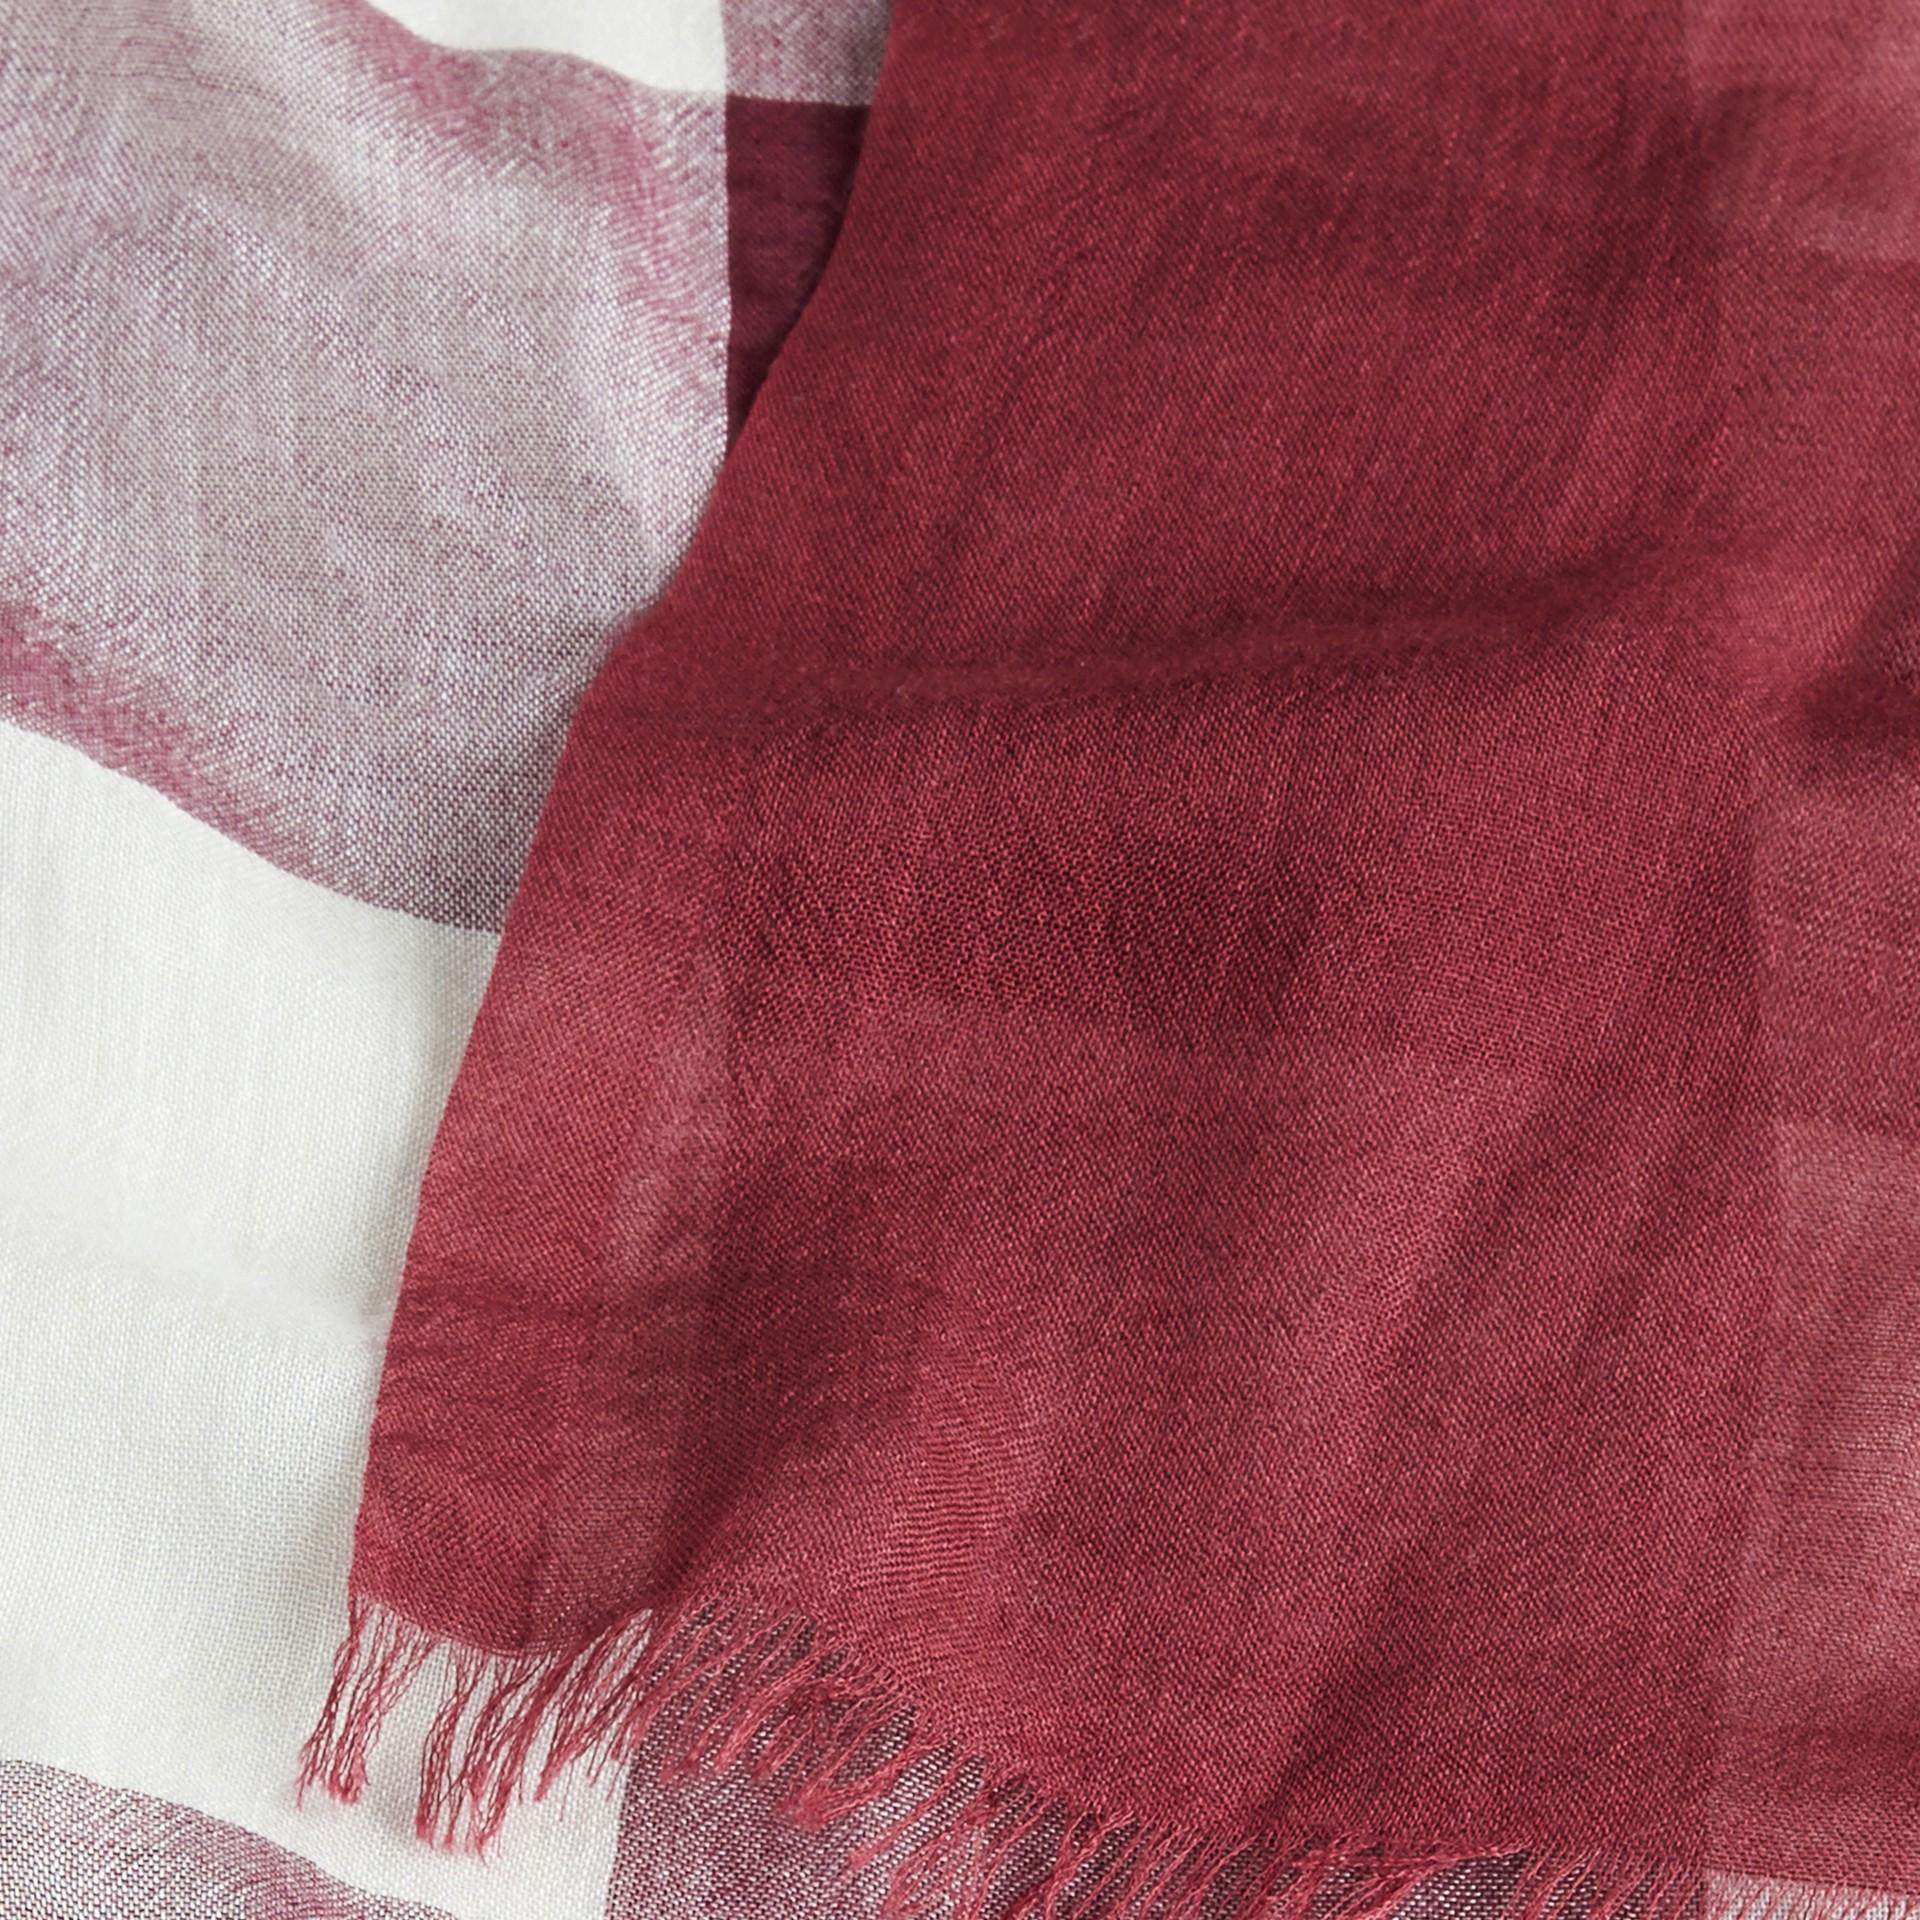 Rosa granato Sciarpa in modal, cashmere e seta con motivo check Rosa Granato - immagine della galleria 2